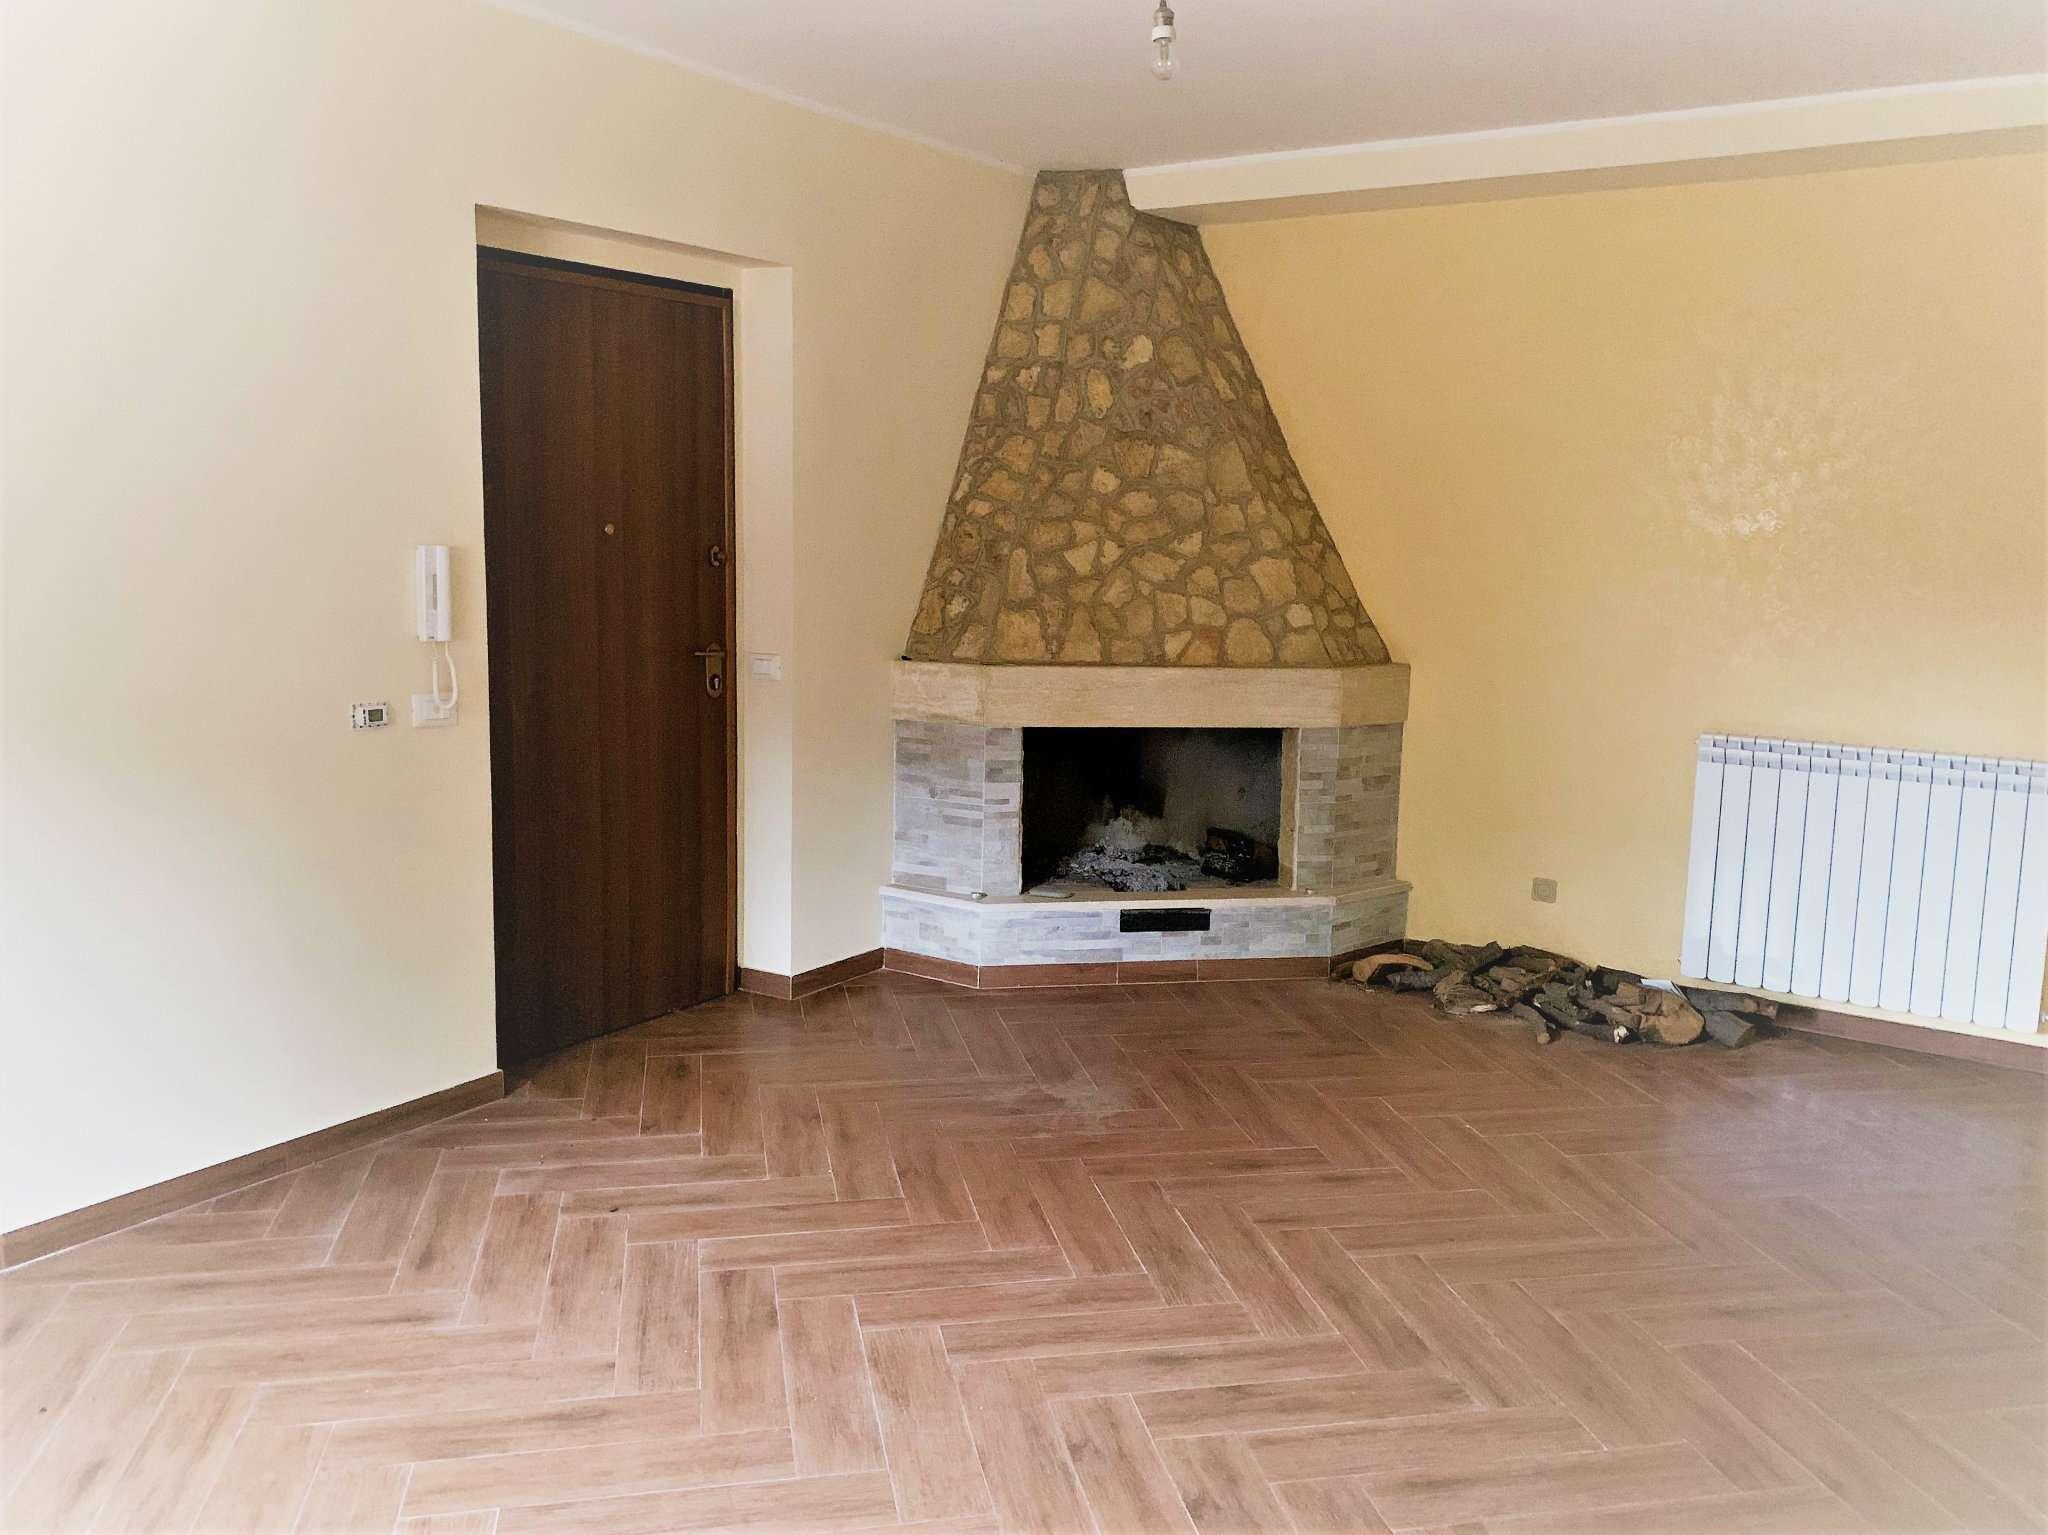 Appartamento in vendita a Roma, 2 locali, zona Zona: 38 . Acilia, Vitinia, Infernetto, Axa, Casal Palocco, Madonnetta, prezzo € 139.000 | CambioCasa.it